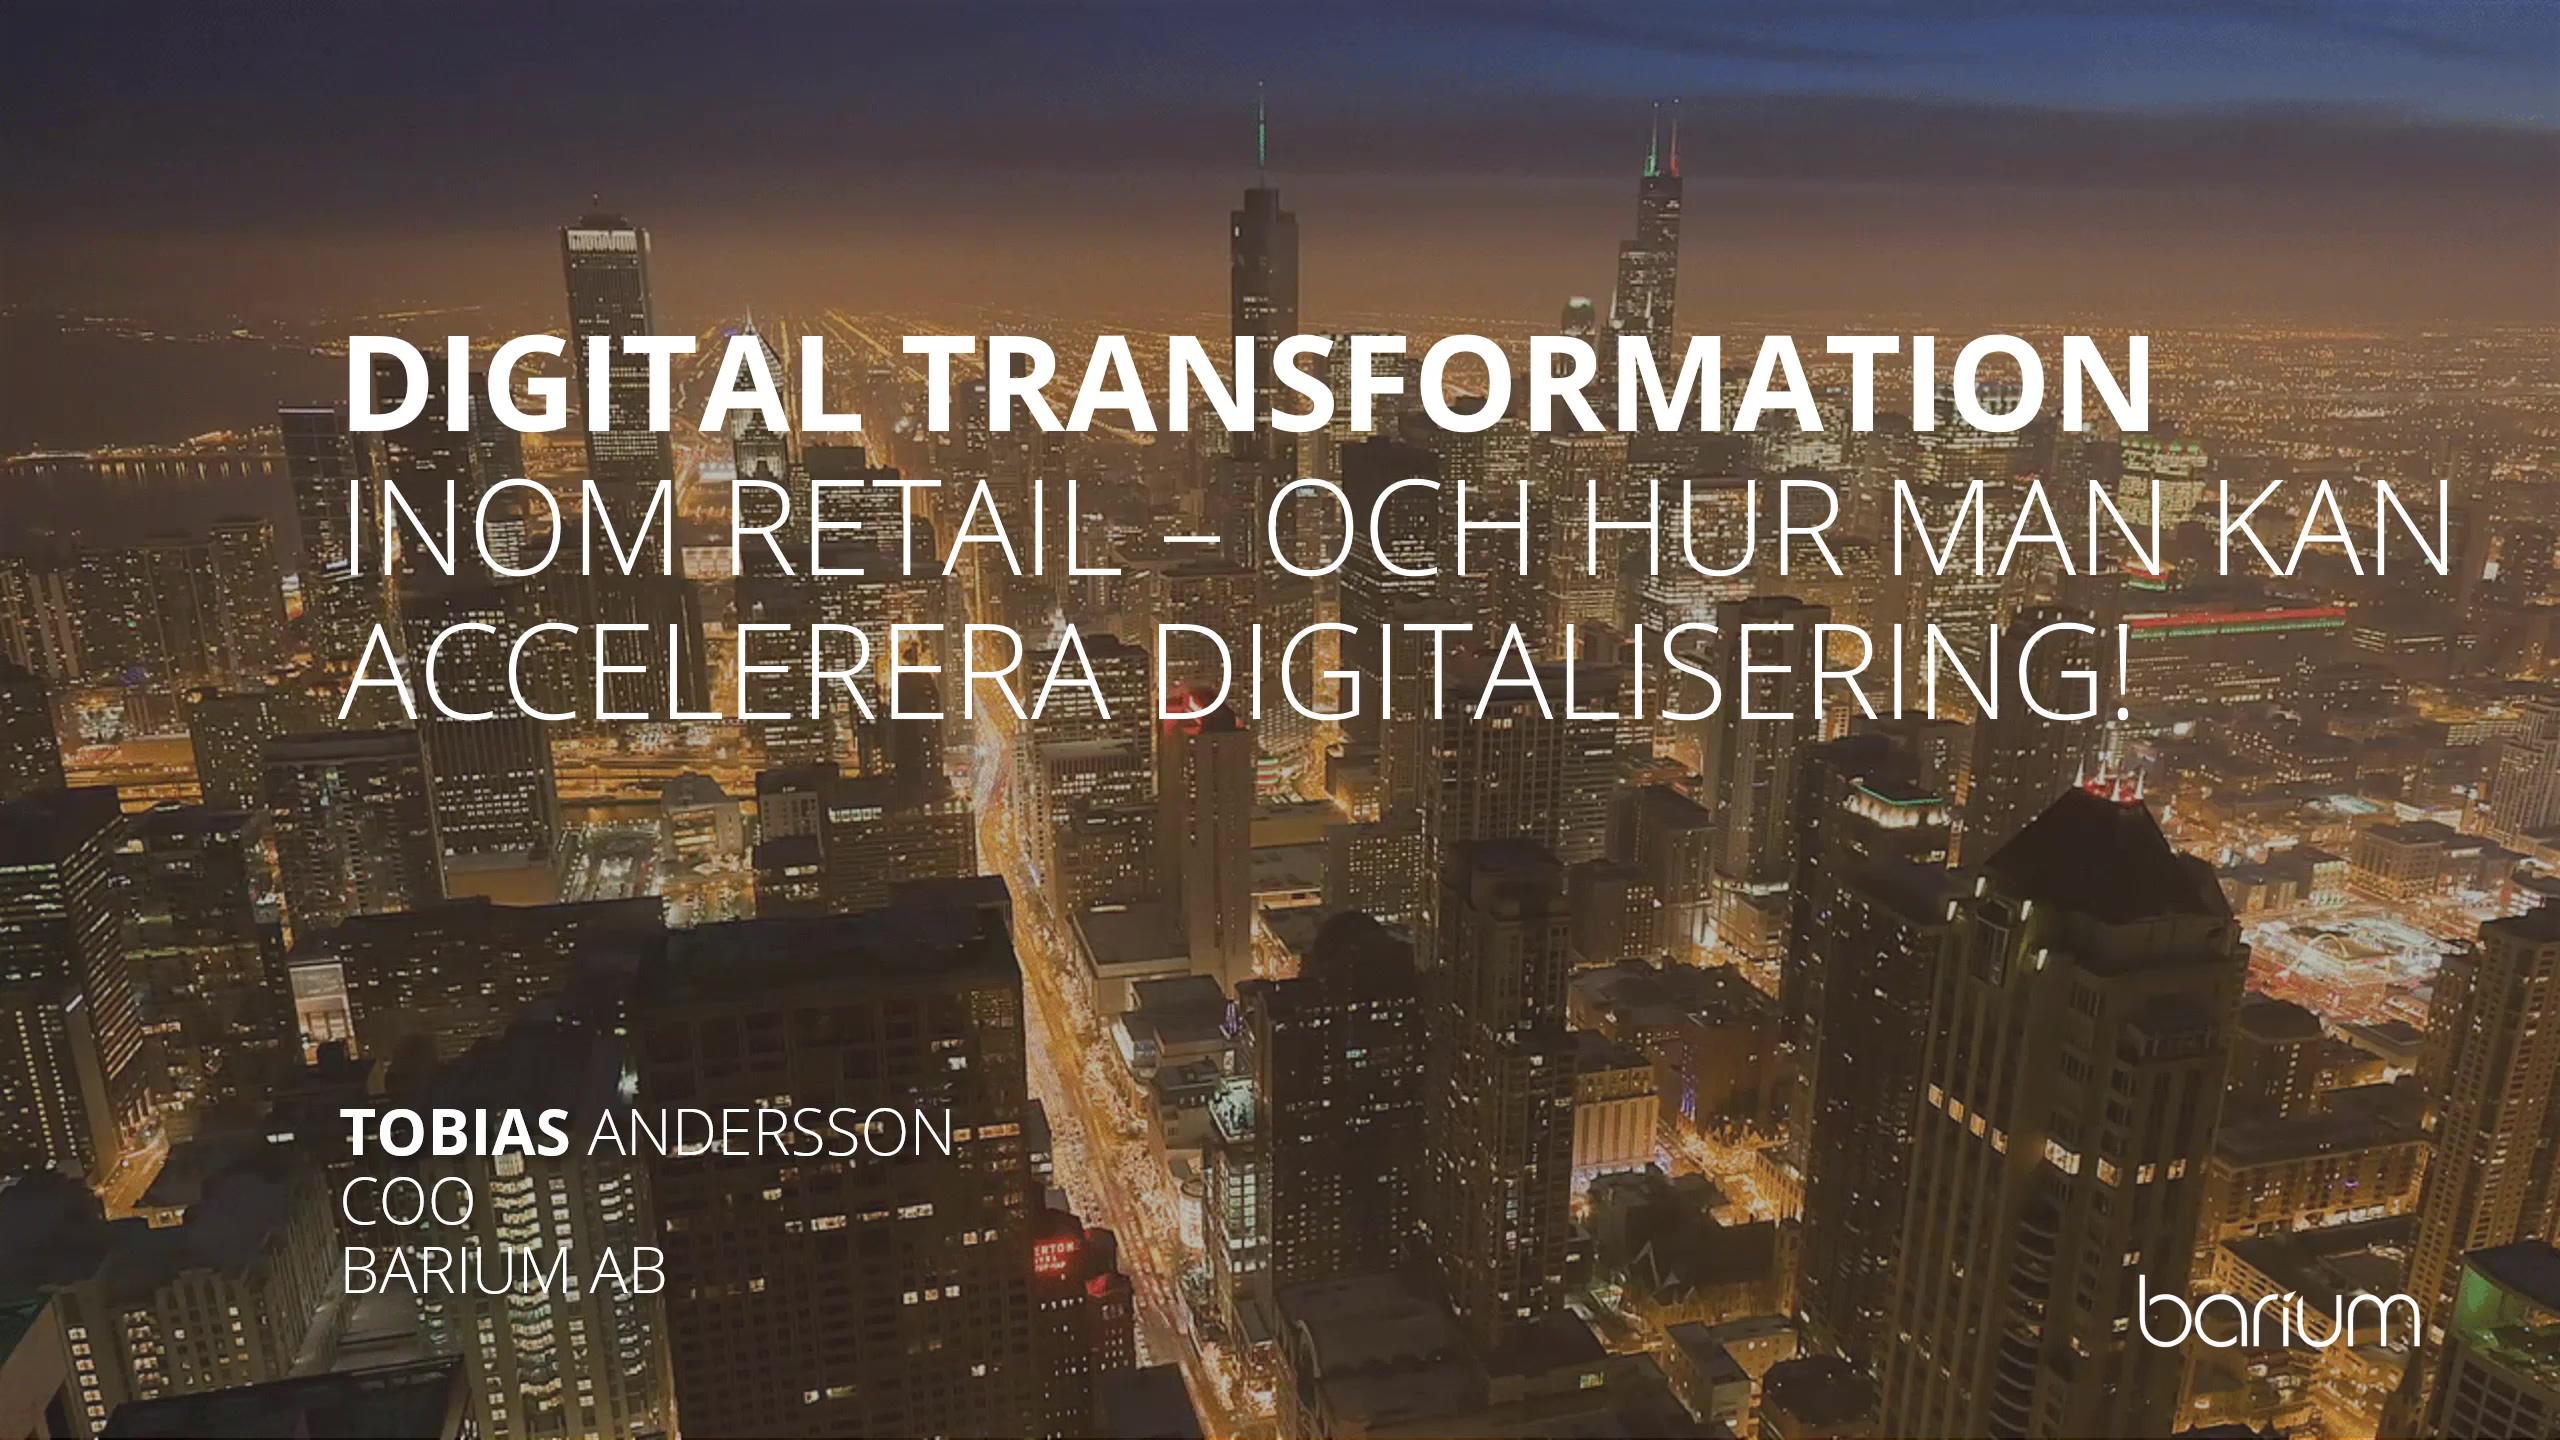 Webinar - Barium - Den digitala revolutionen inom retail